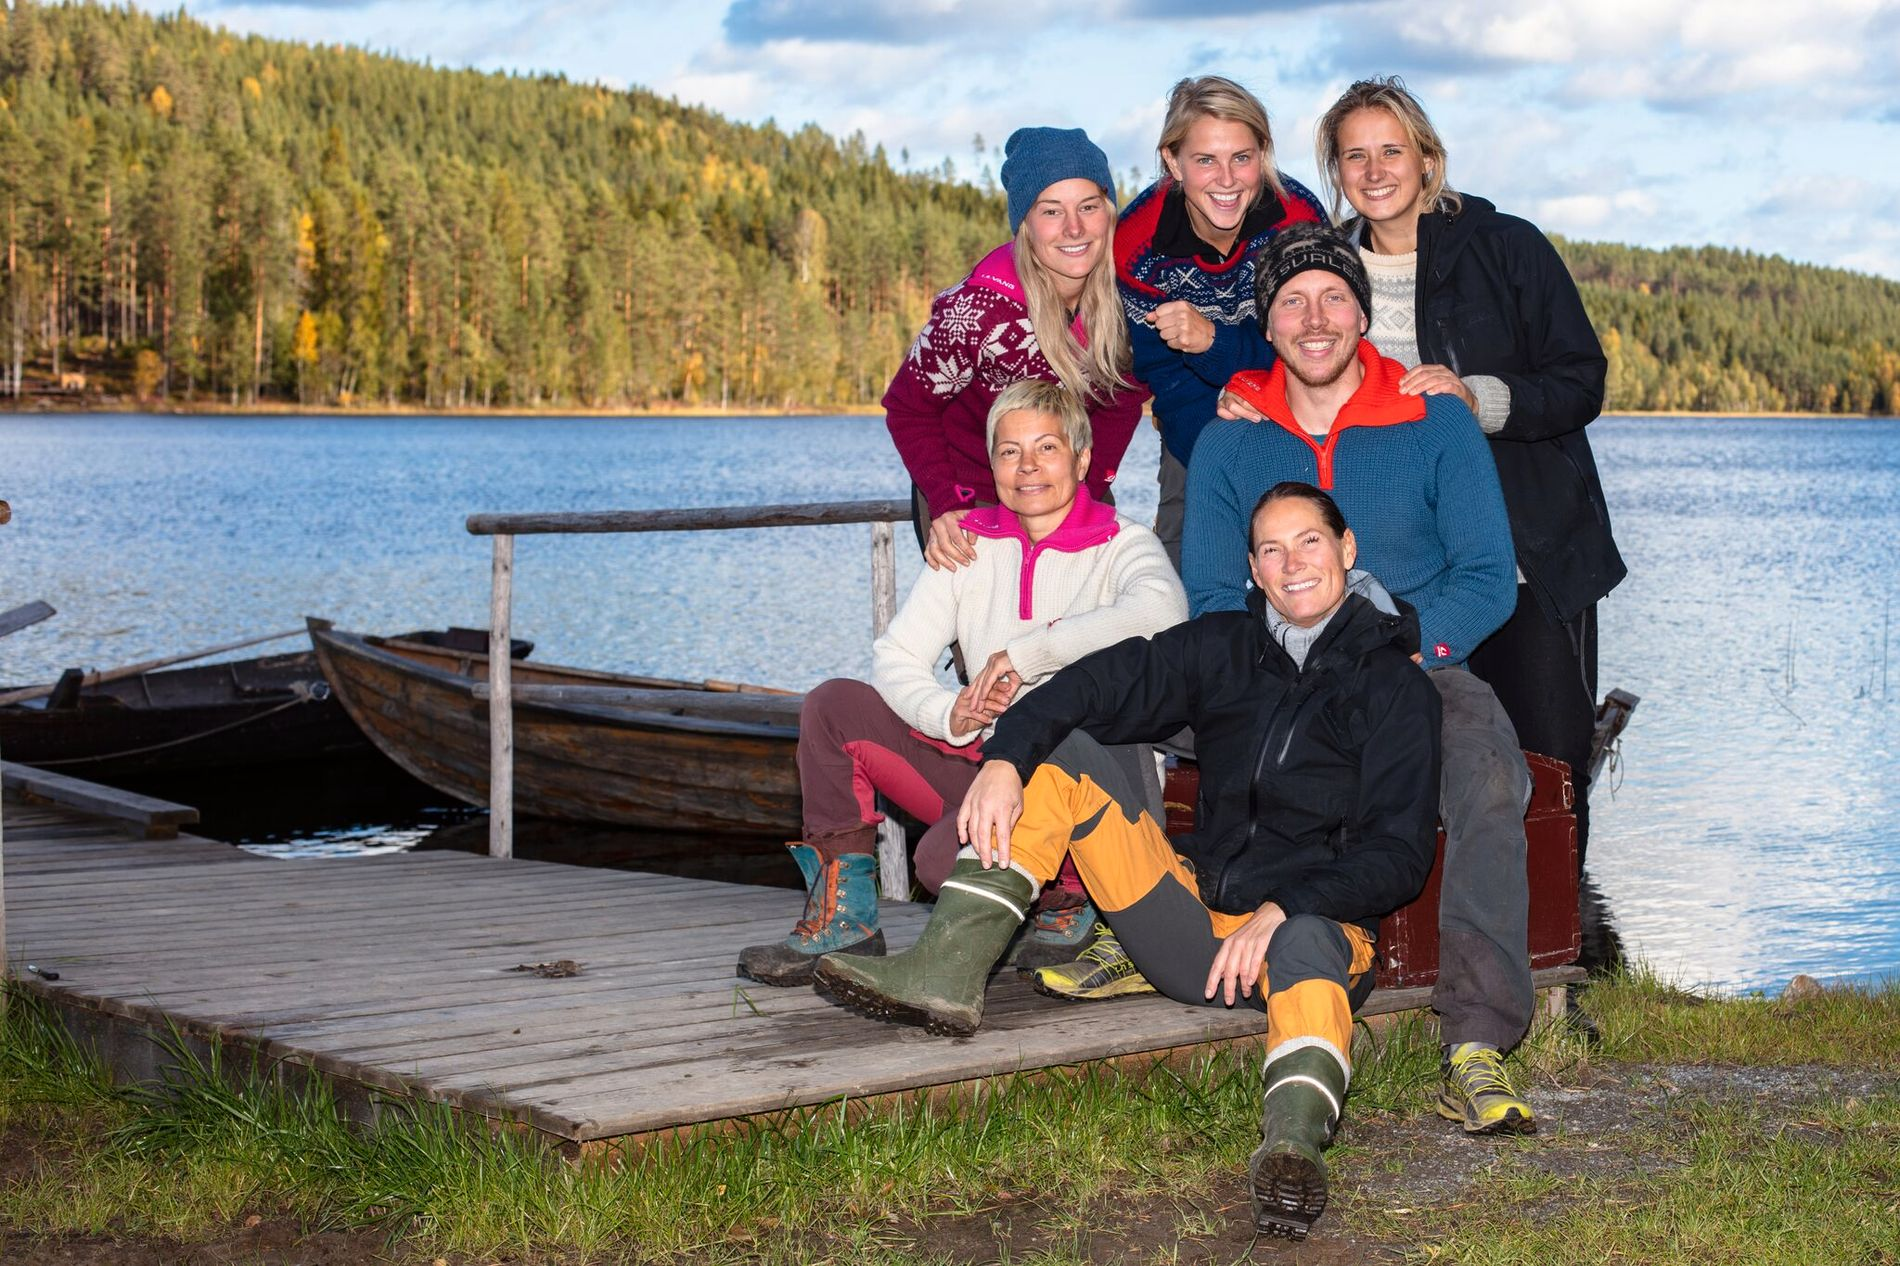 """STILLE FØR STORMEN: Lene Sleperud (bak fra venstre), Tonje Frøystad Garvik, Karianne Sissener Amundsen, Kjetil Nørstebø og Dineke Polderman er de fem som kjemper mot hverandre i """"Farmens"""" finaleuke. Sølvi Monsen (foran til venstre) ble slått ut i den aller siste tvekampen."""